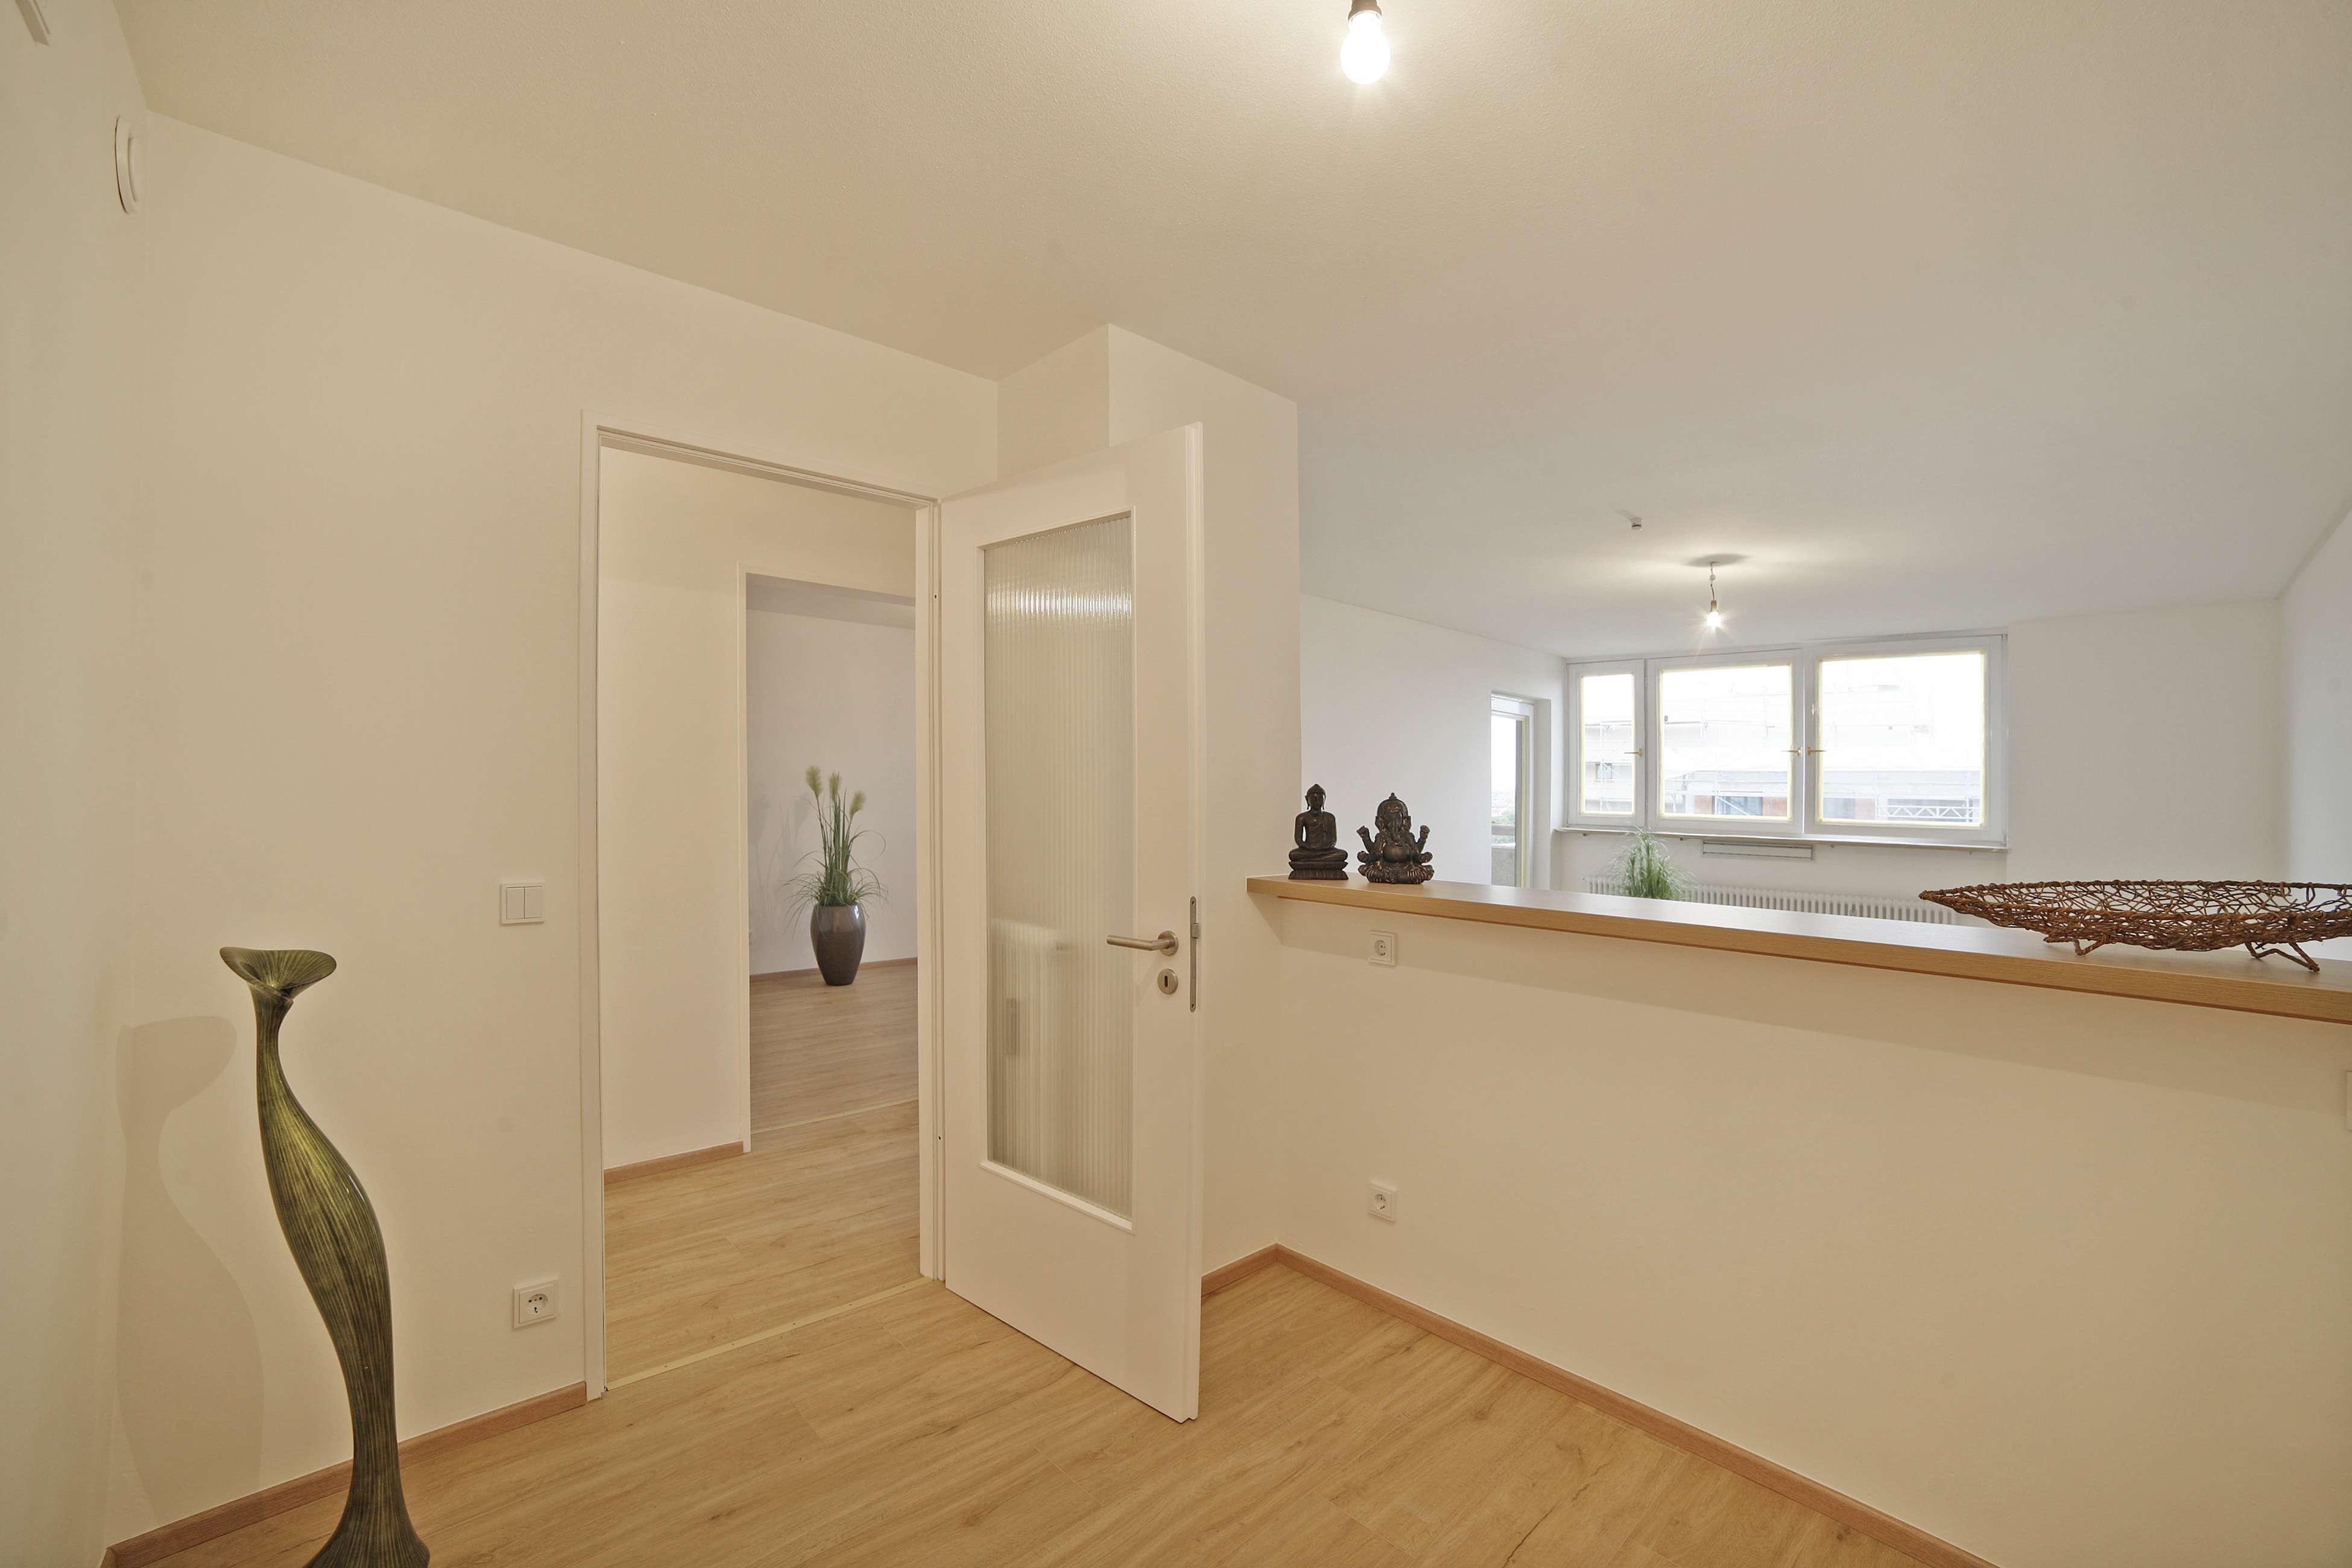 Stilvolle, neuwertige 2-Zimmer-DG-Wohnung mit Balkon in Berg am Laim, München in Berg am Laim (München)